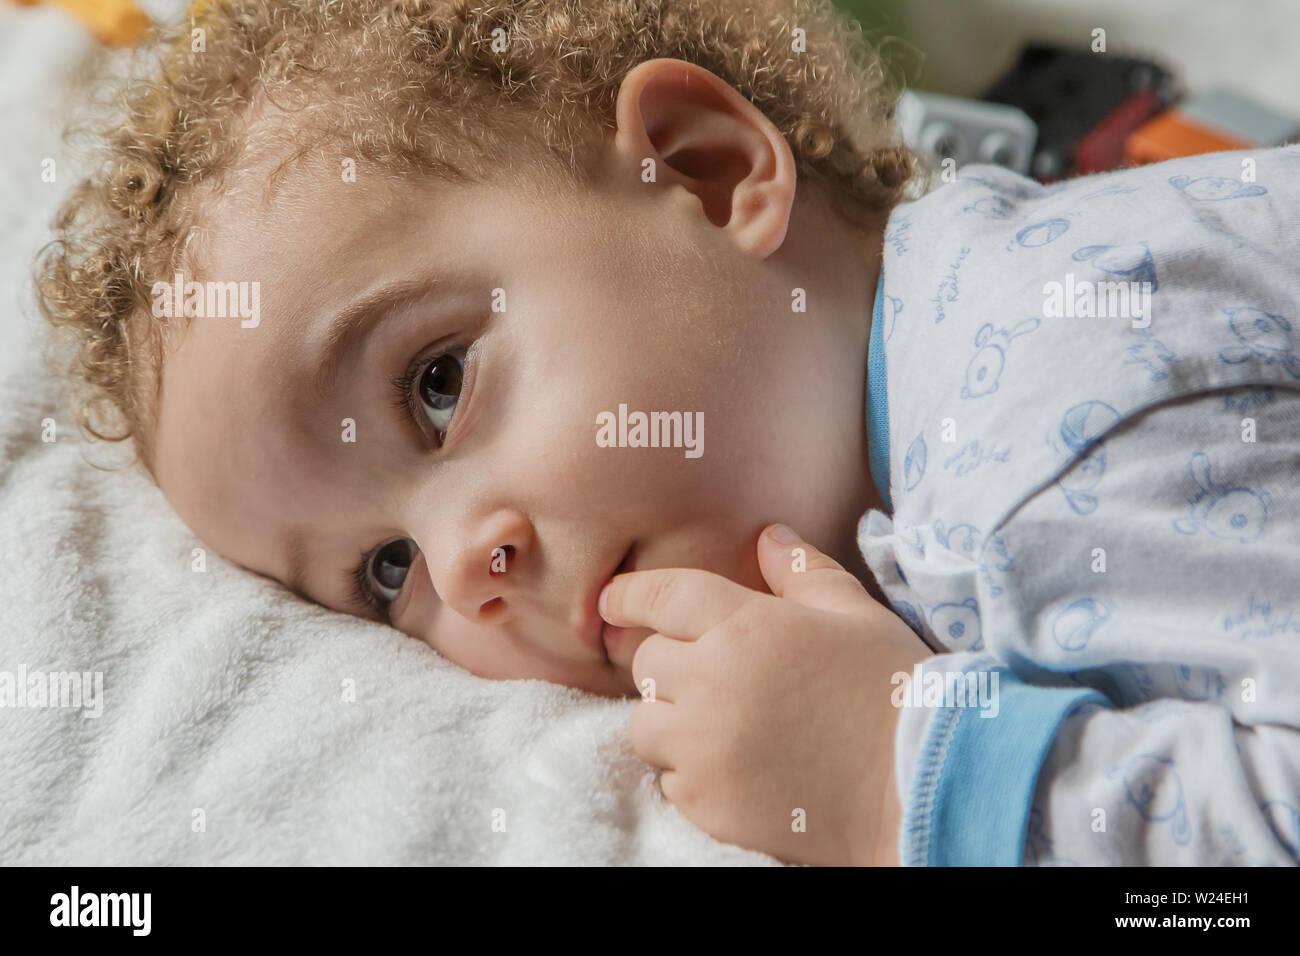 Adorable dos años cabrito en pijama suave con colores azul y cone en la soleada habitación de los niños. El sueño del niño concepto, enfoque suave. Foto de stock